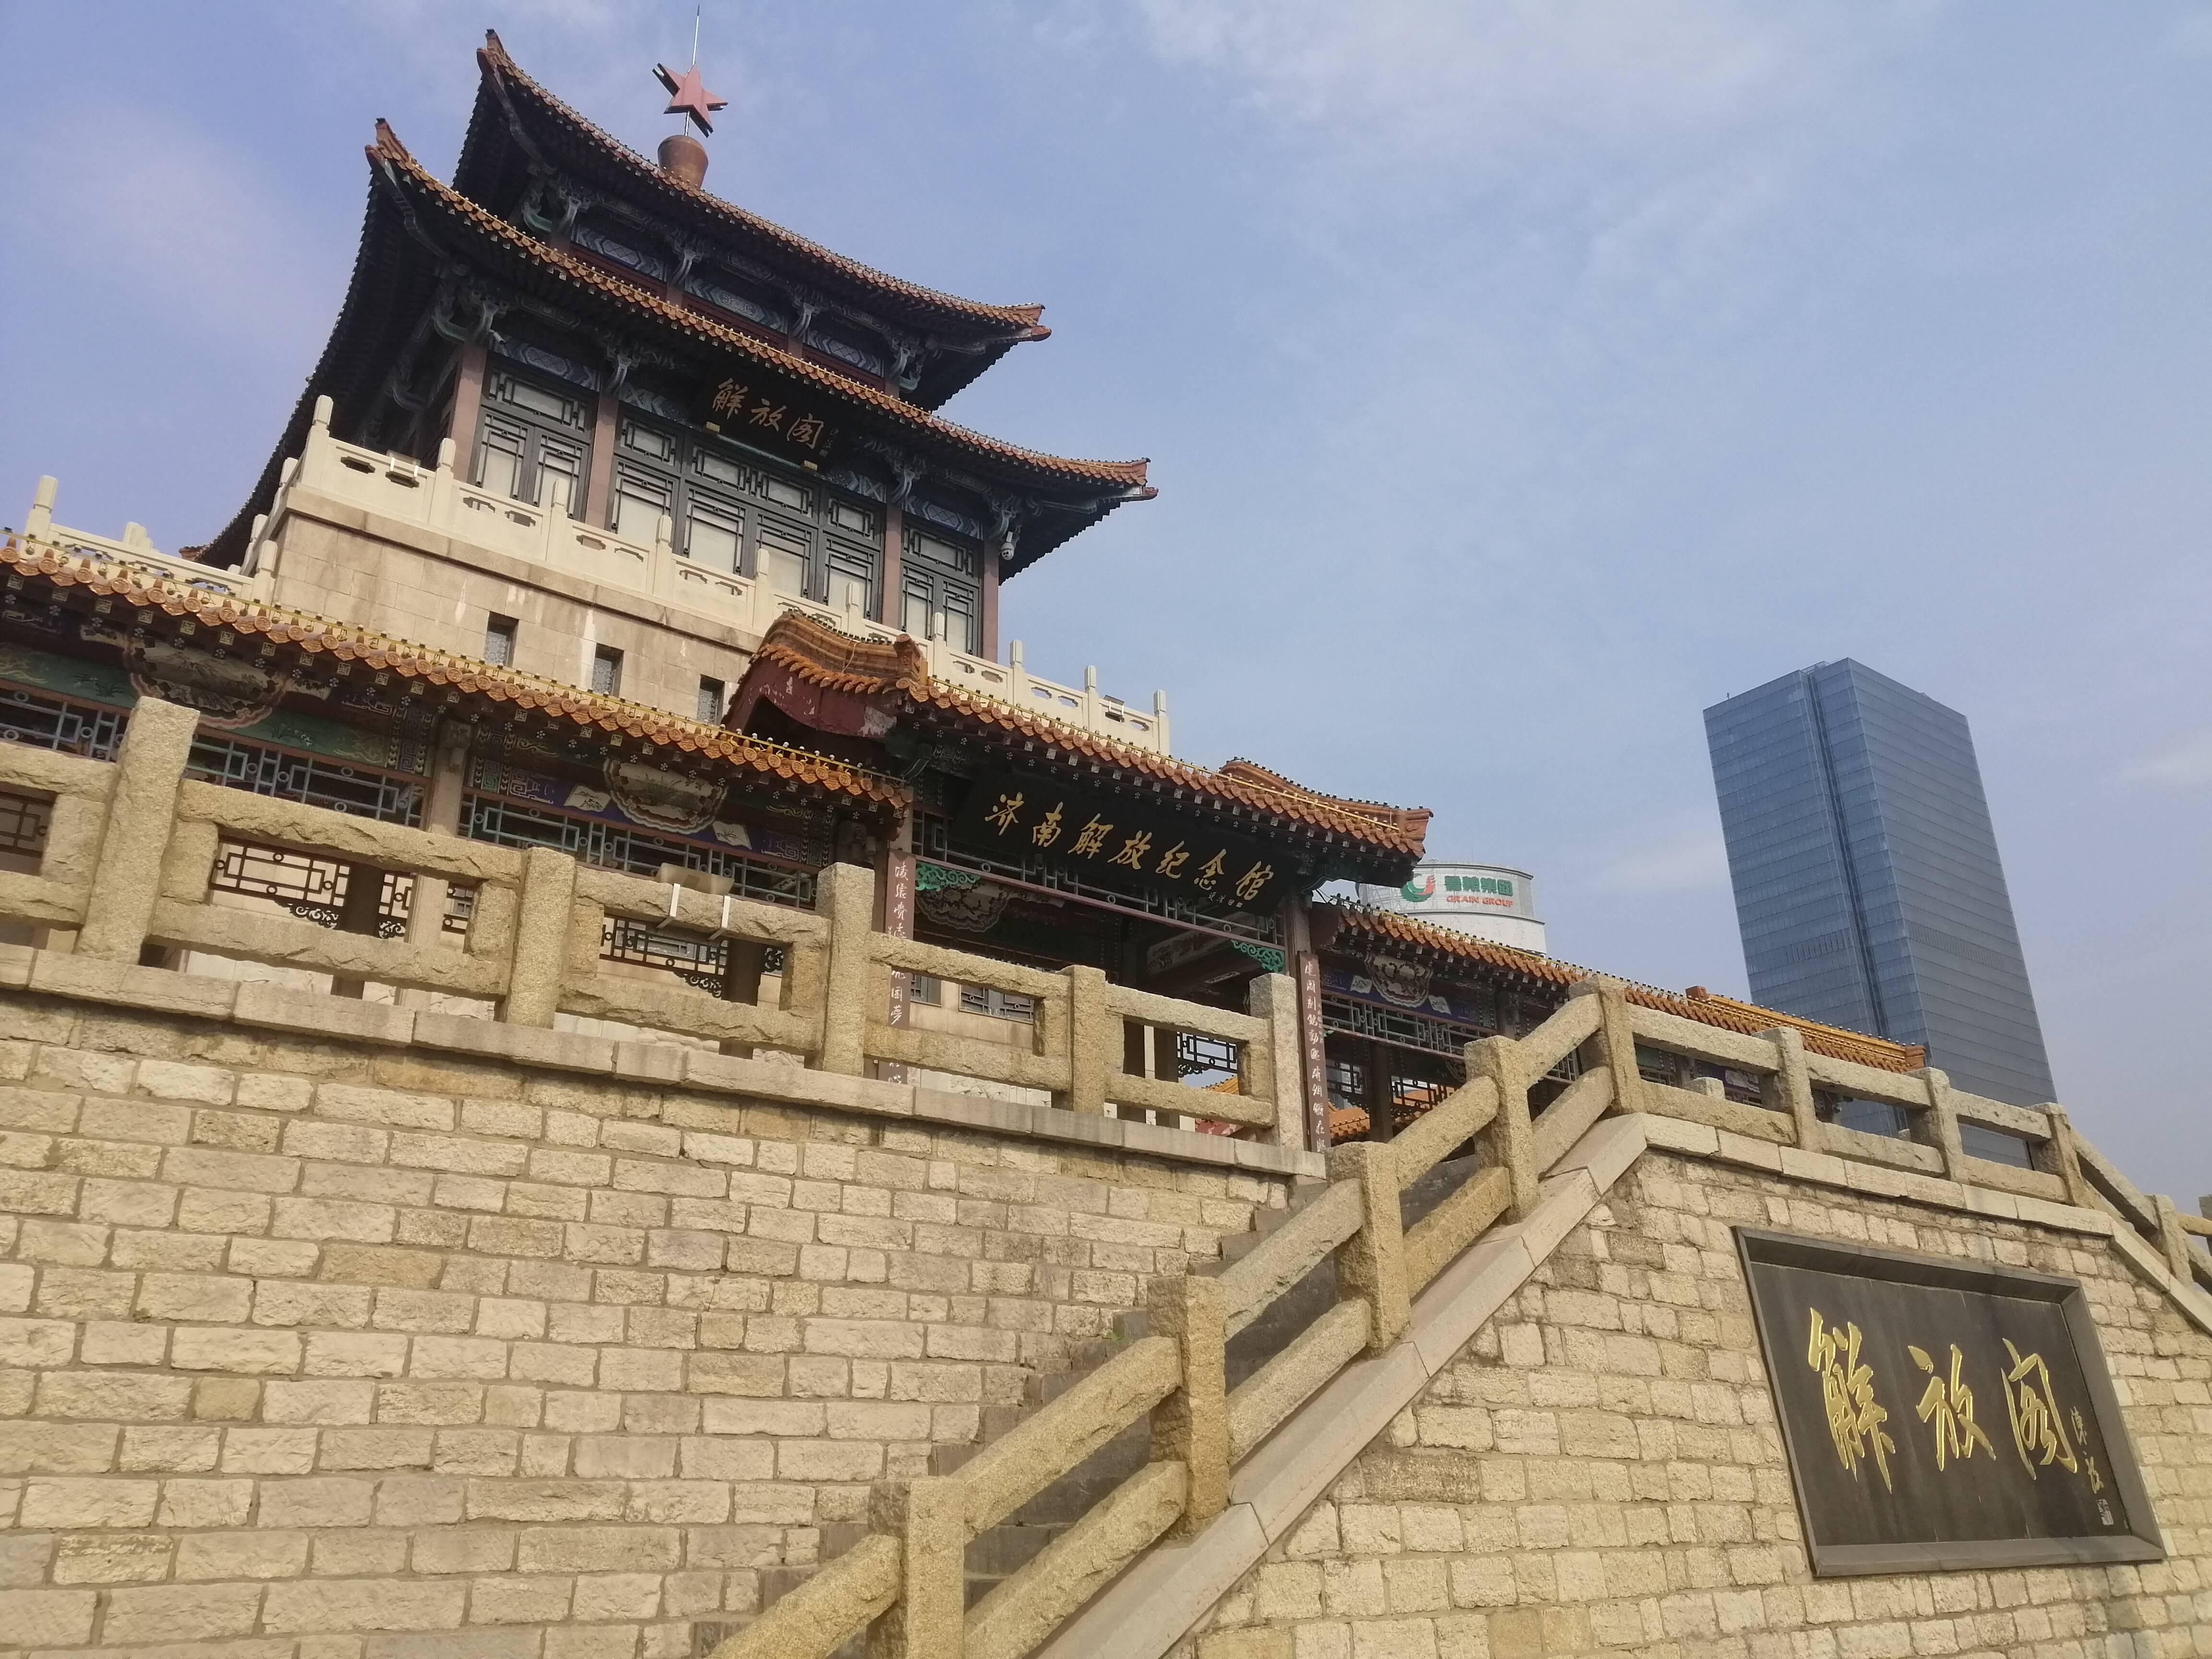 你以为济南解放阁仅仅是风景区吗?这里见证了济南解放的荣光历史